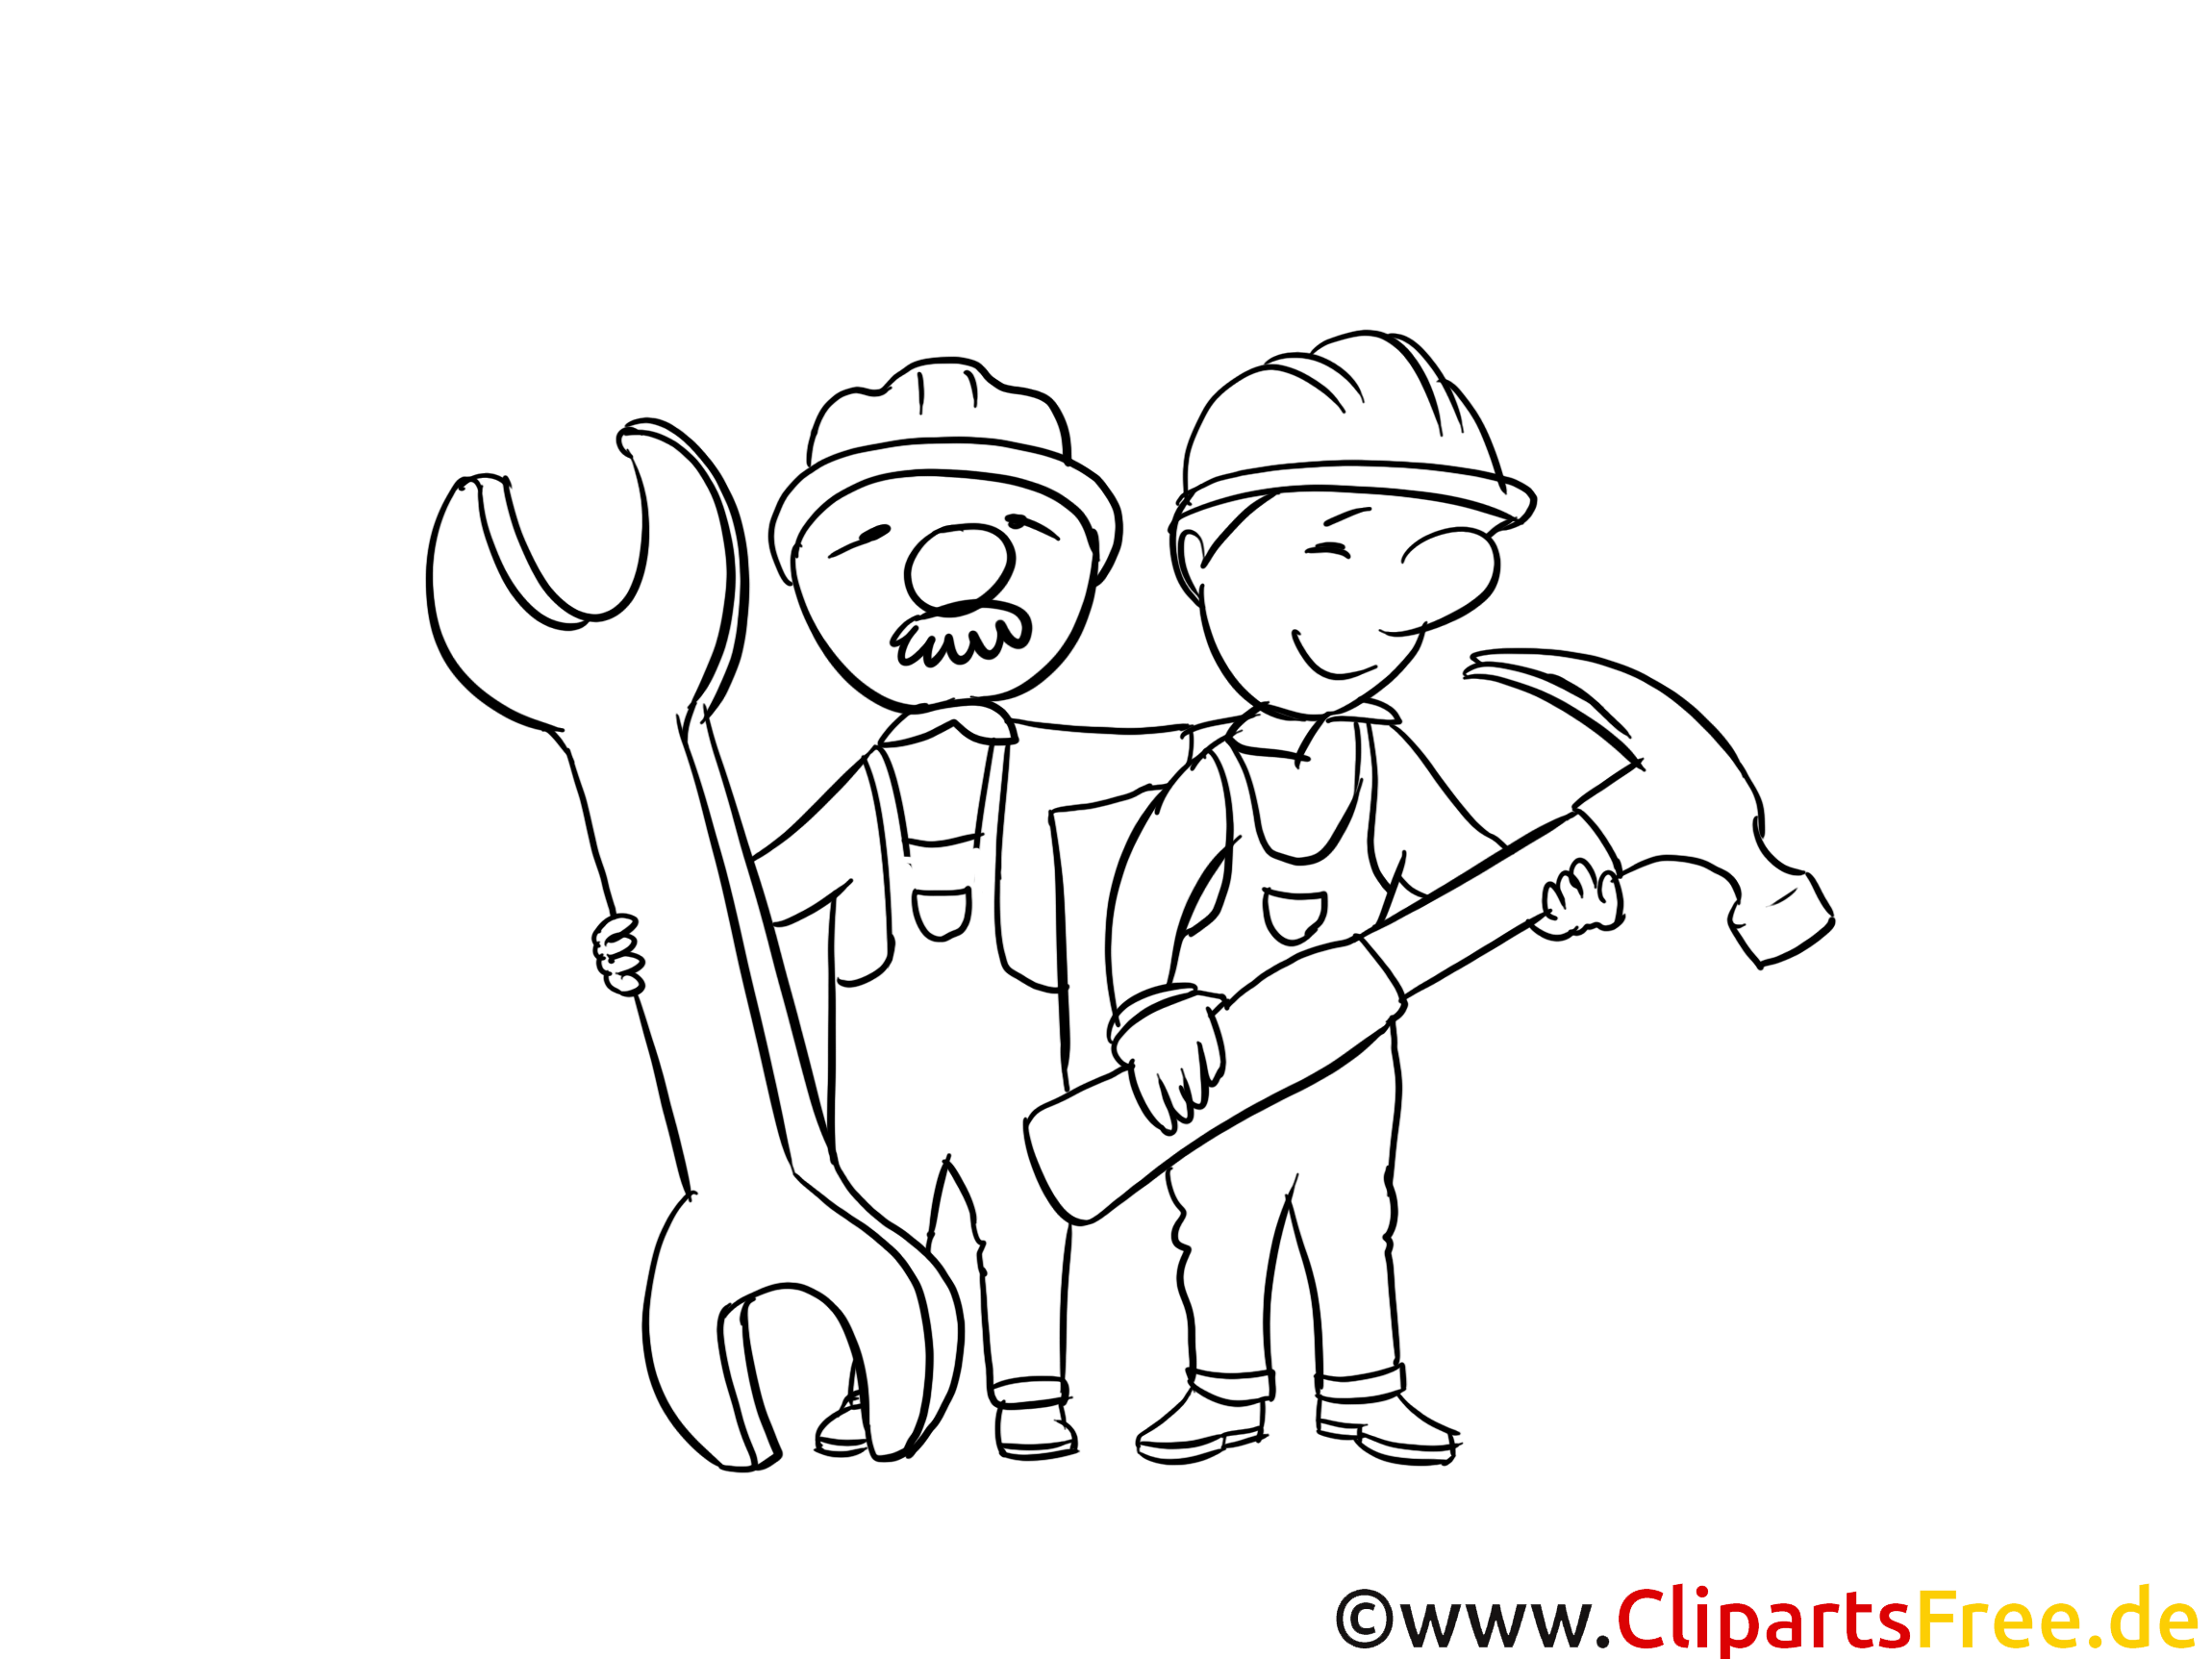 Handwerker Malvorlagen zum Ausdrucken und Ausmalen